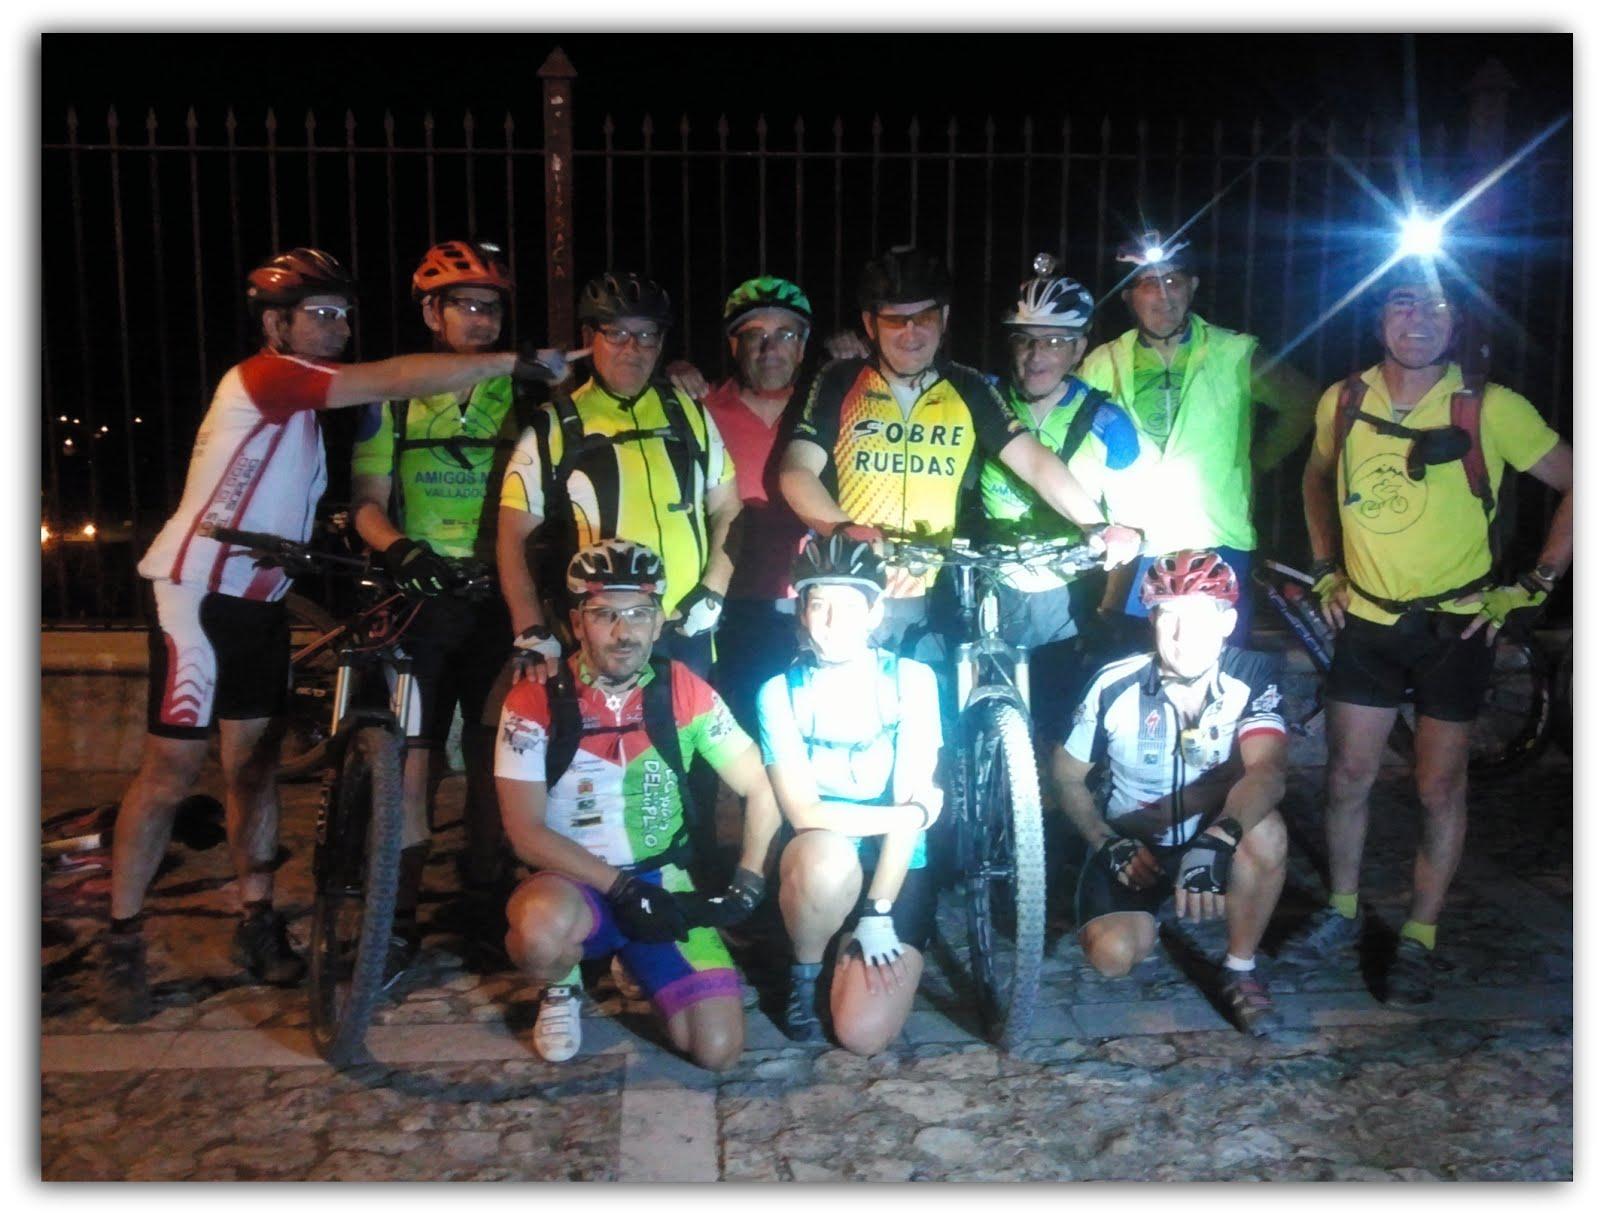 VI marcha nocturna Amigos de la MTB. 26 de junio 2015